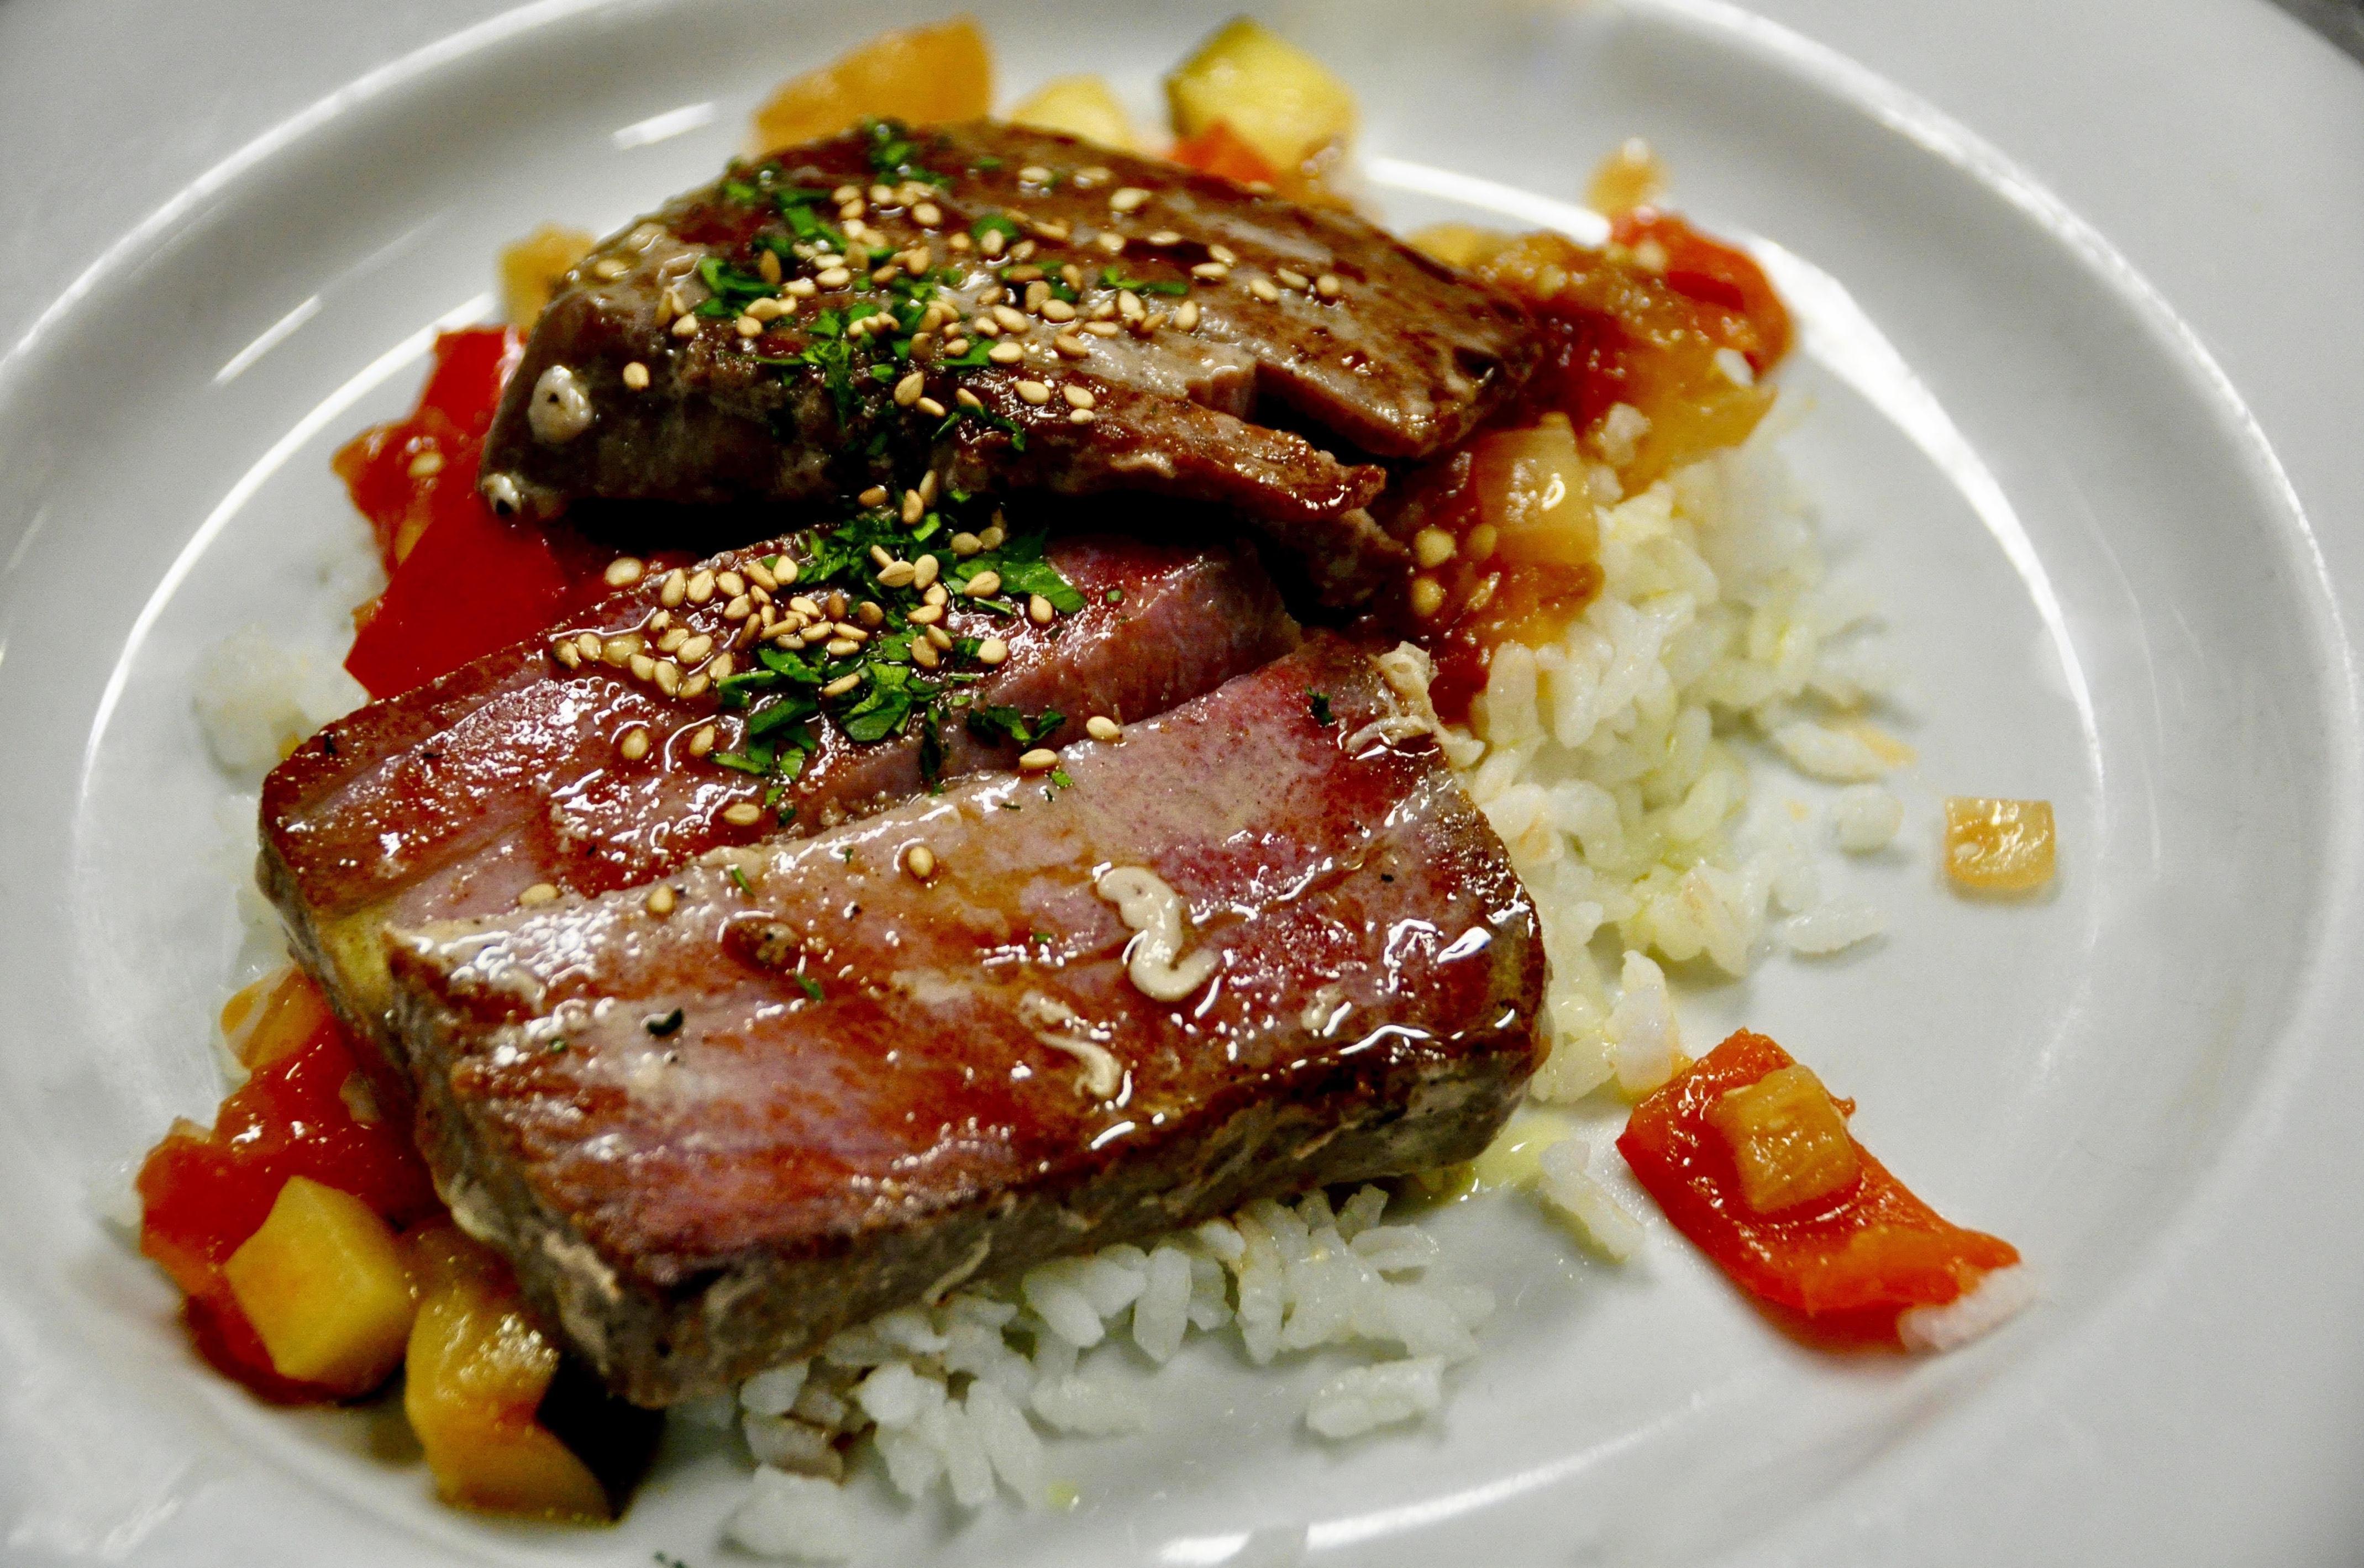 Atún plancheado, arroz y verduras.